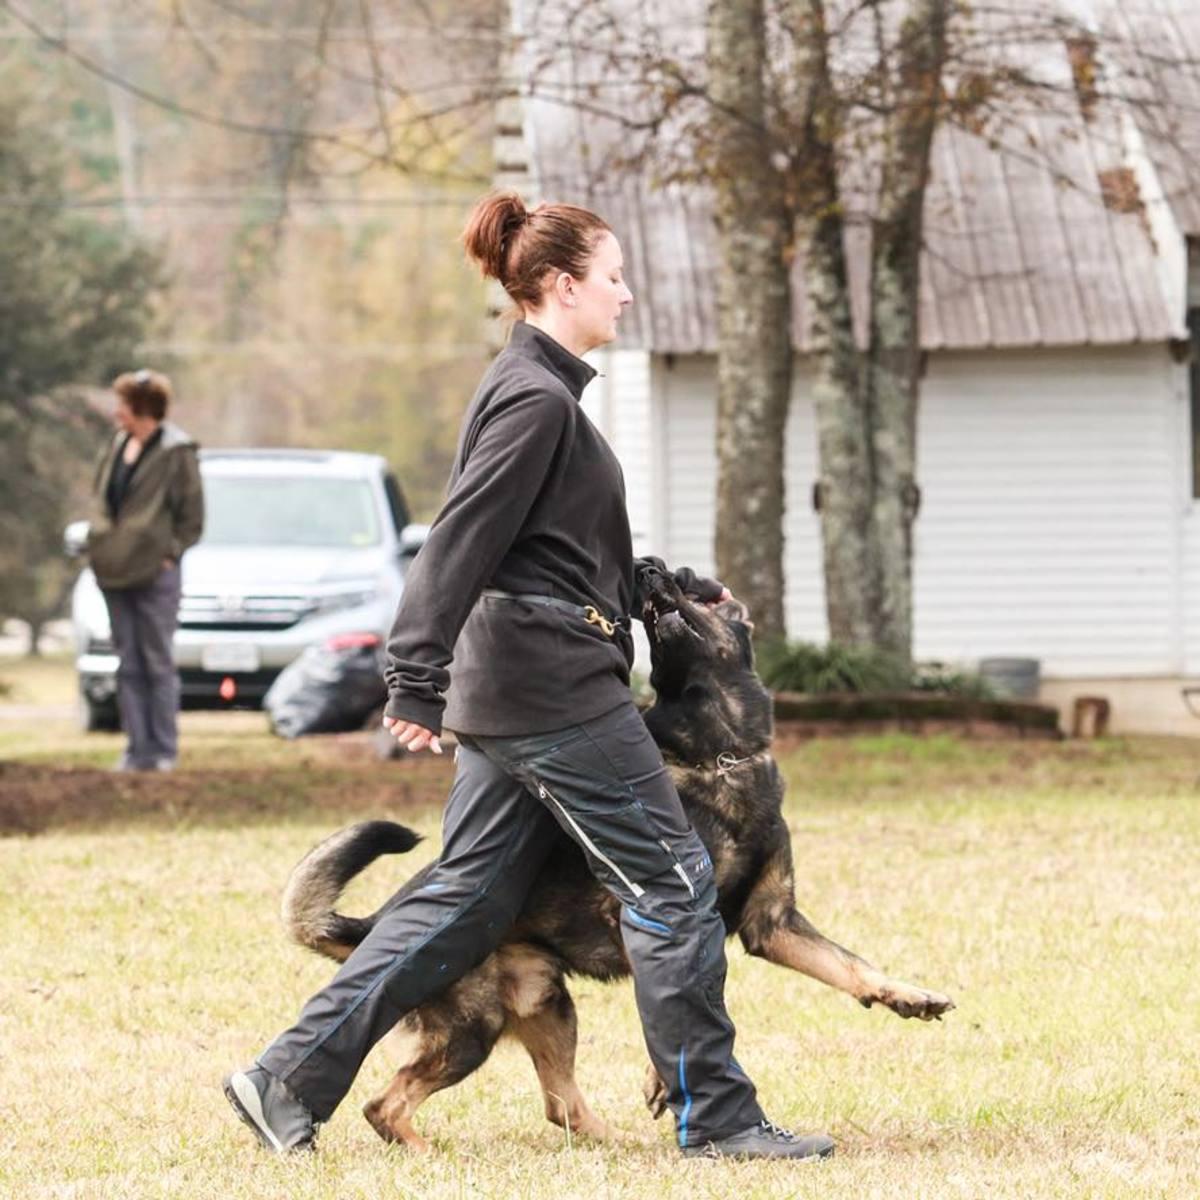 schutzhund-dog-sport-in-europe-and-usa